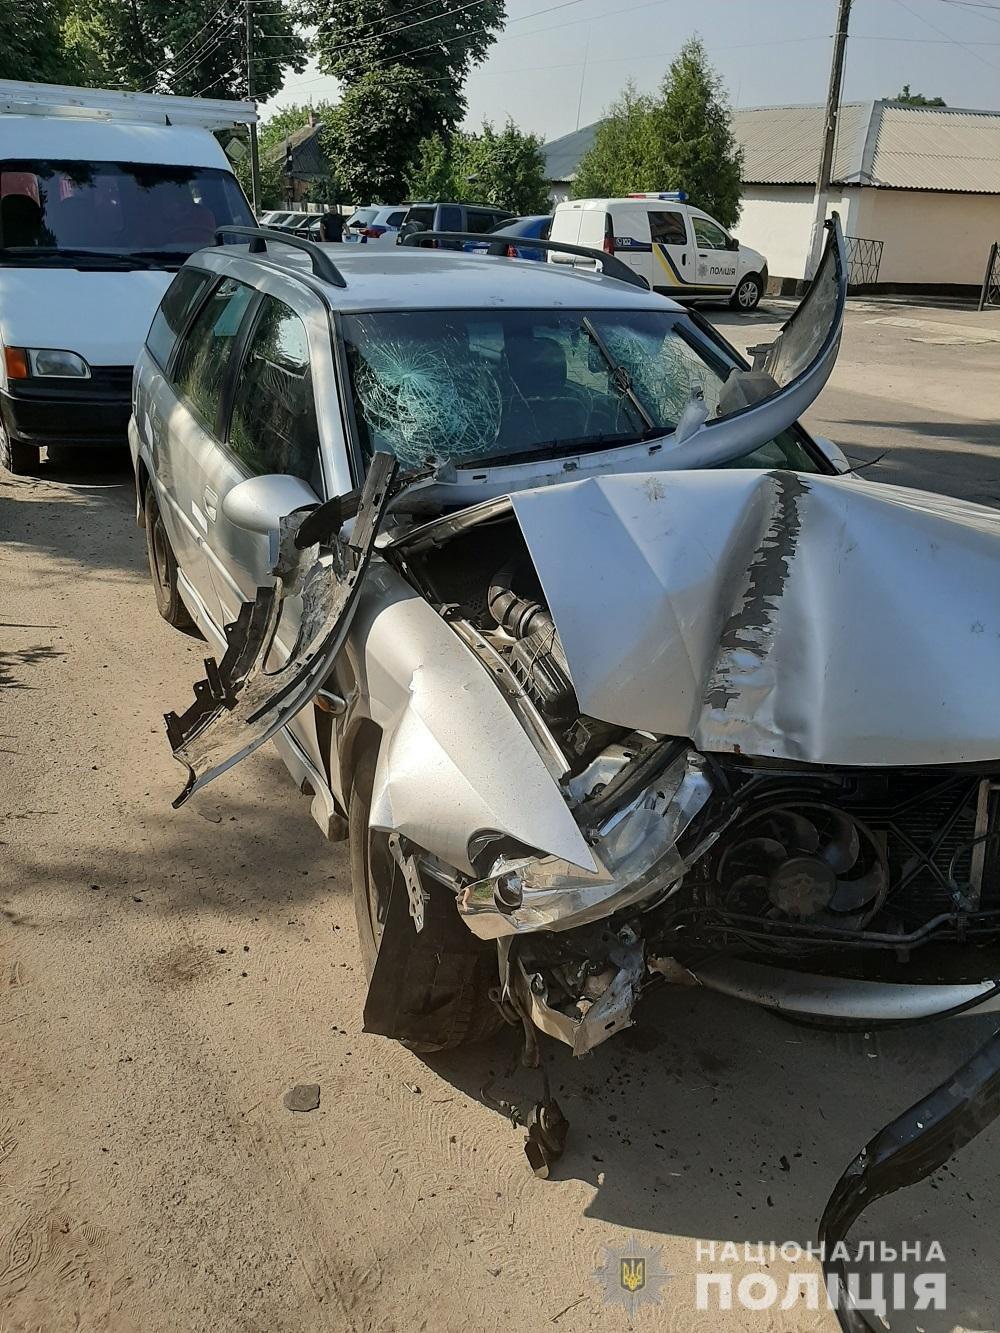 Под Харьковом пьяный водитель авто «влетел» в дерево: несколько человек пострадали, - ФОТО, фото-1